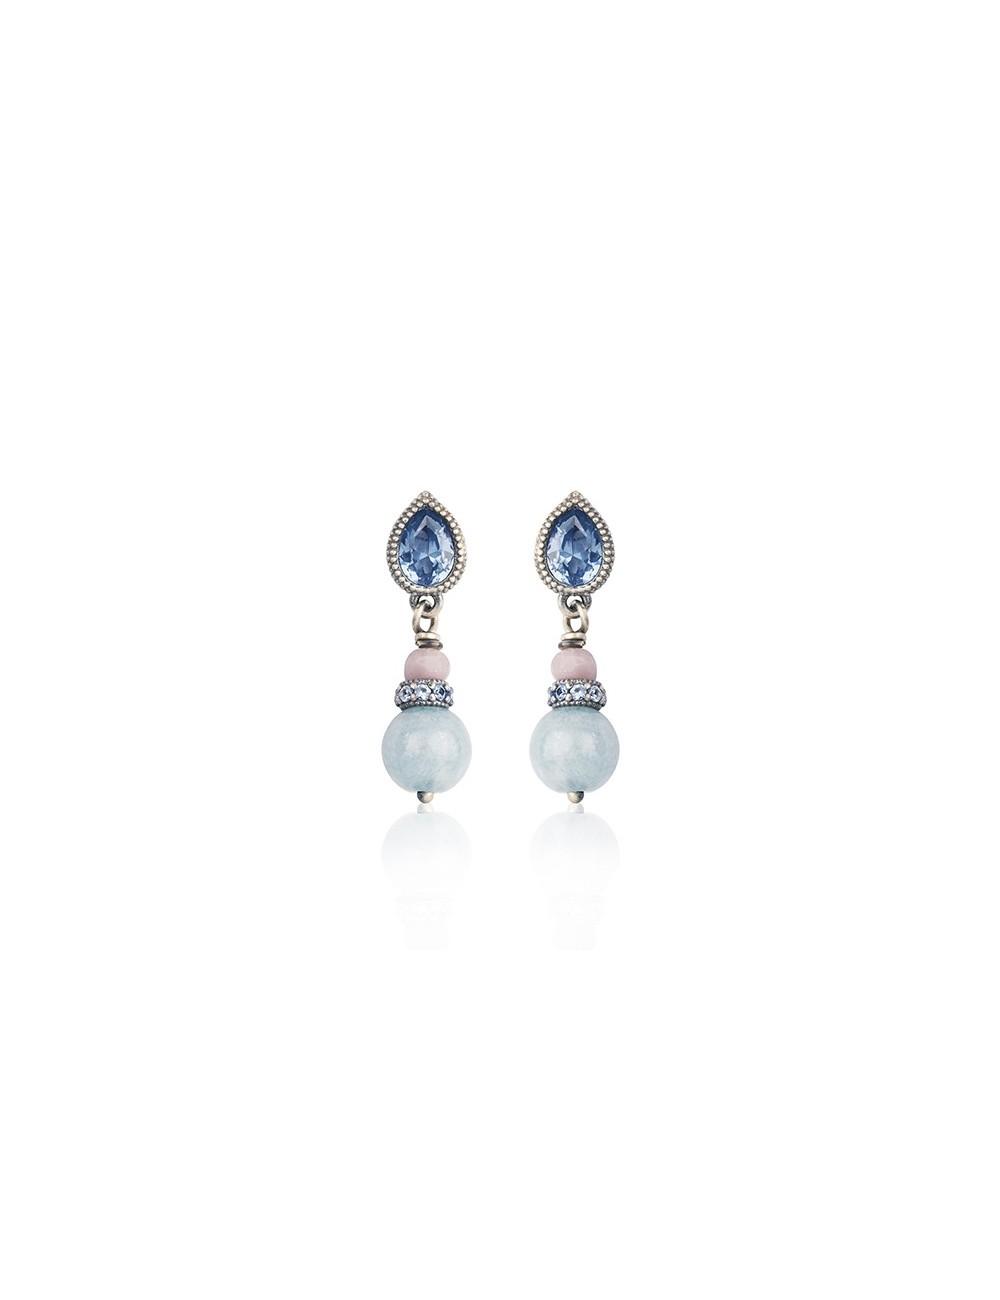 Sunfield -Pendientes plata, ágata circonitas y cristal -PE062350/13